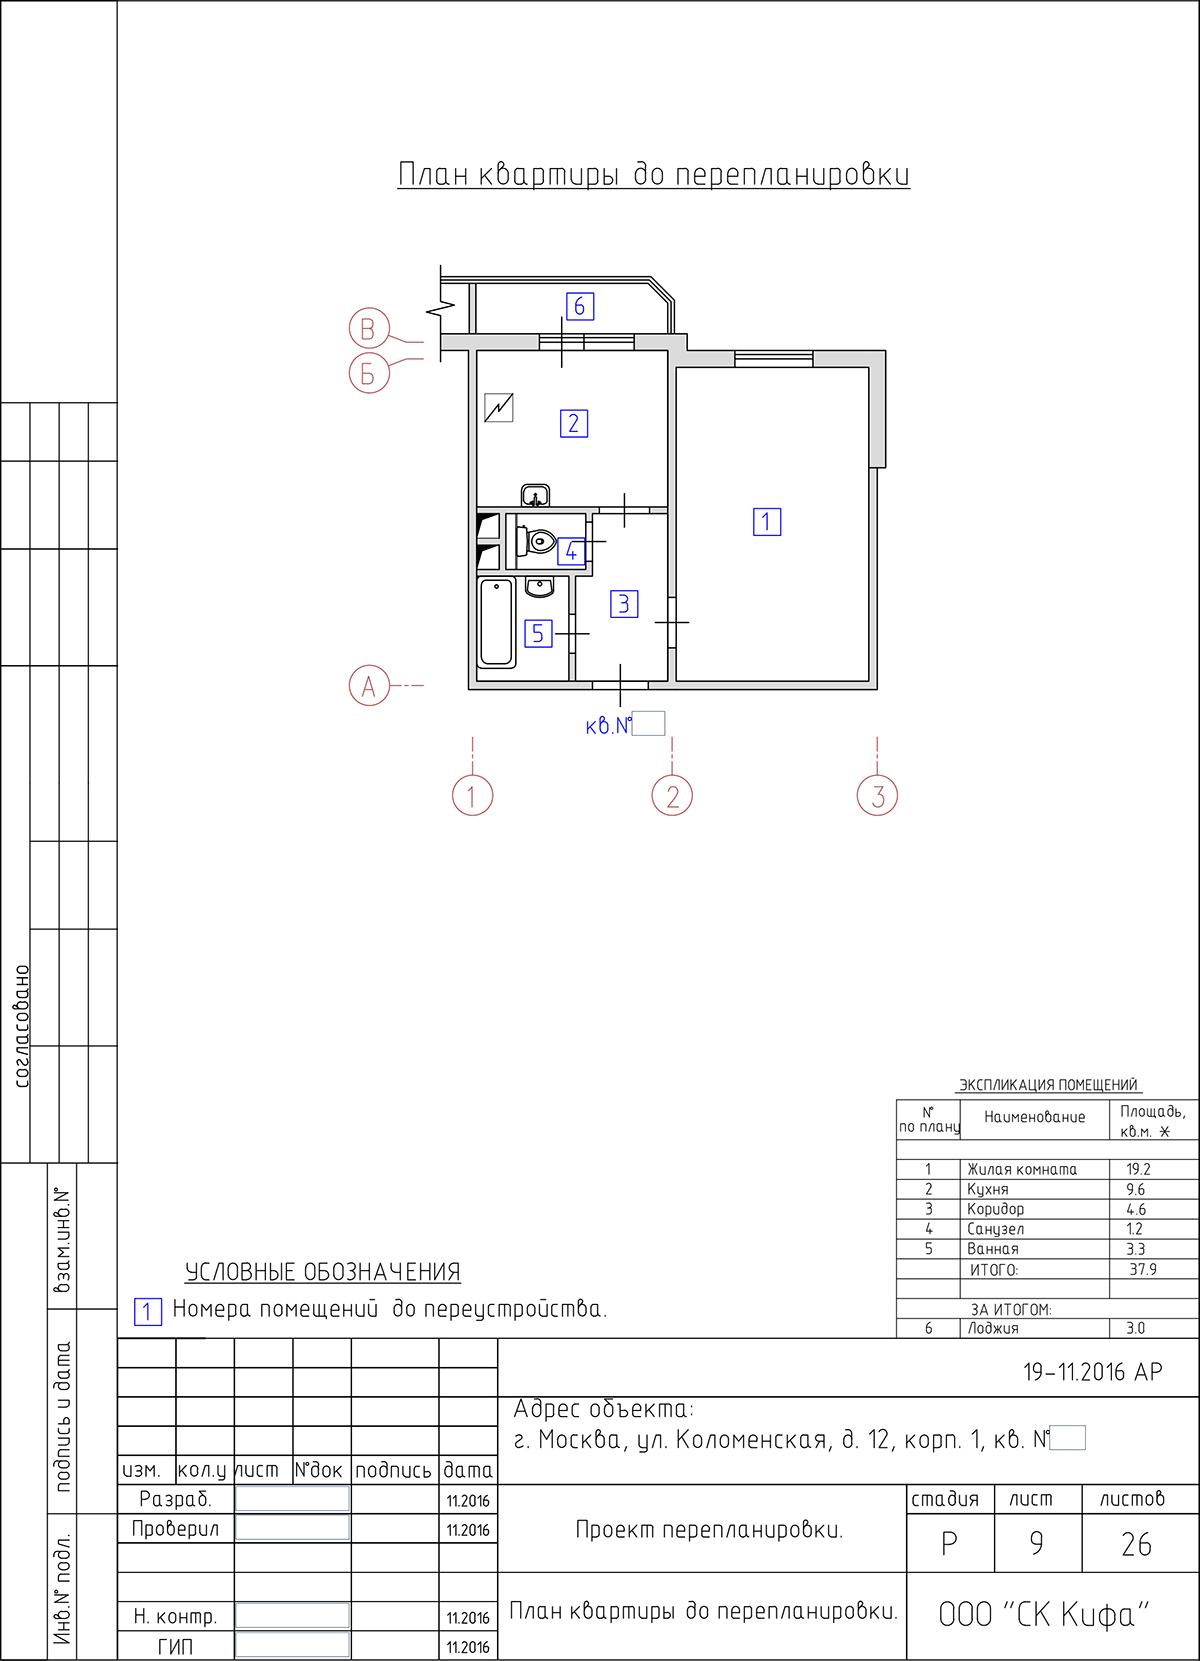 СК-Кифа: План квартиры до перепланировки